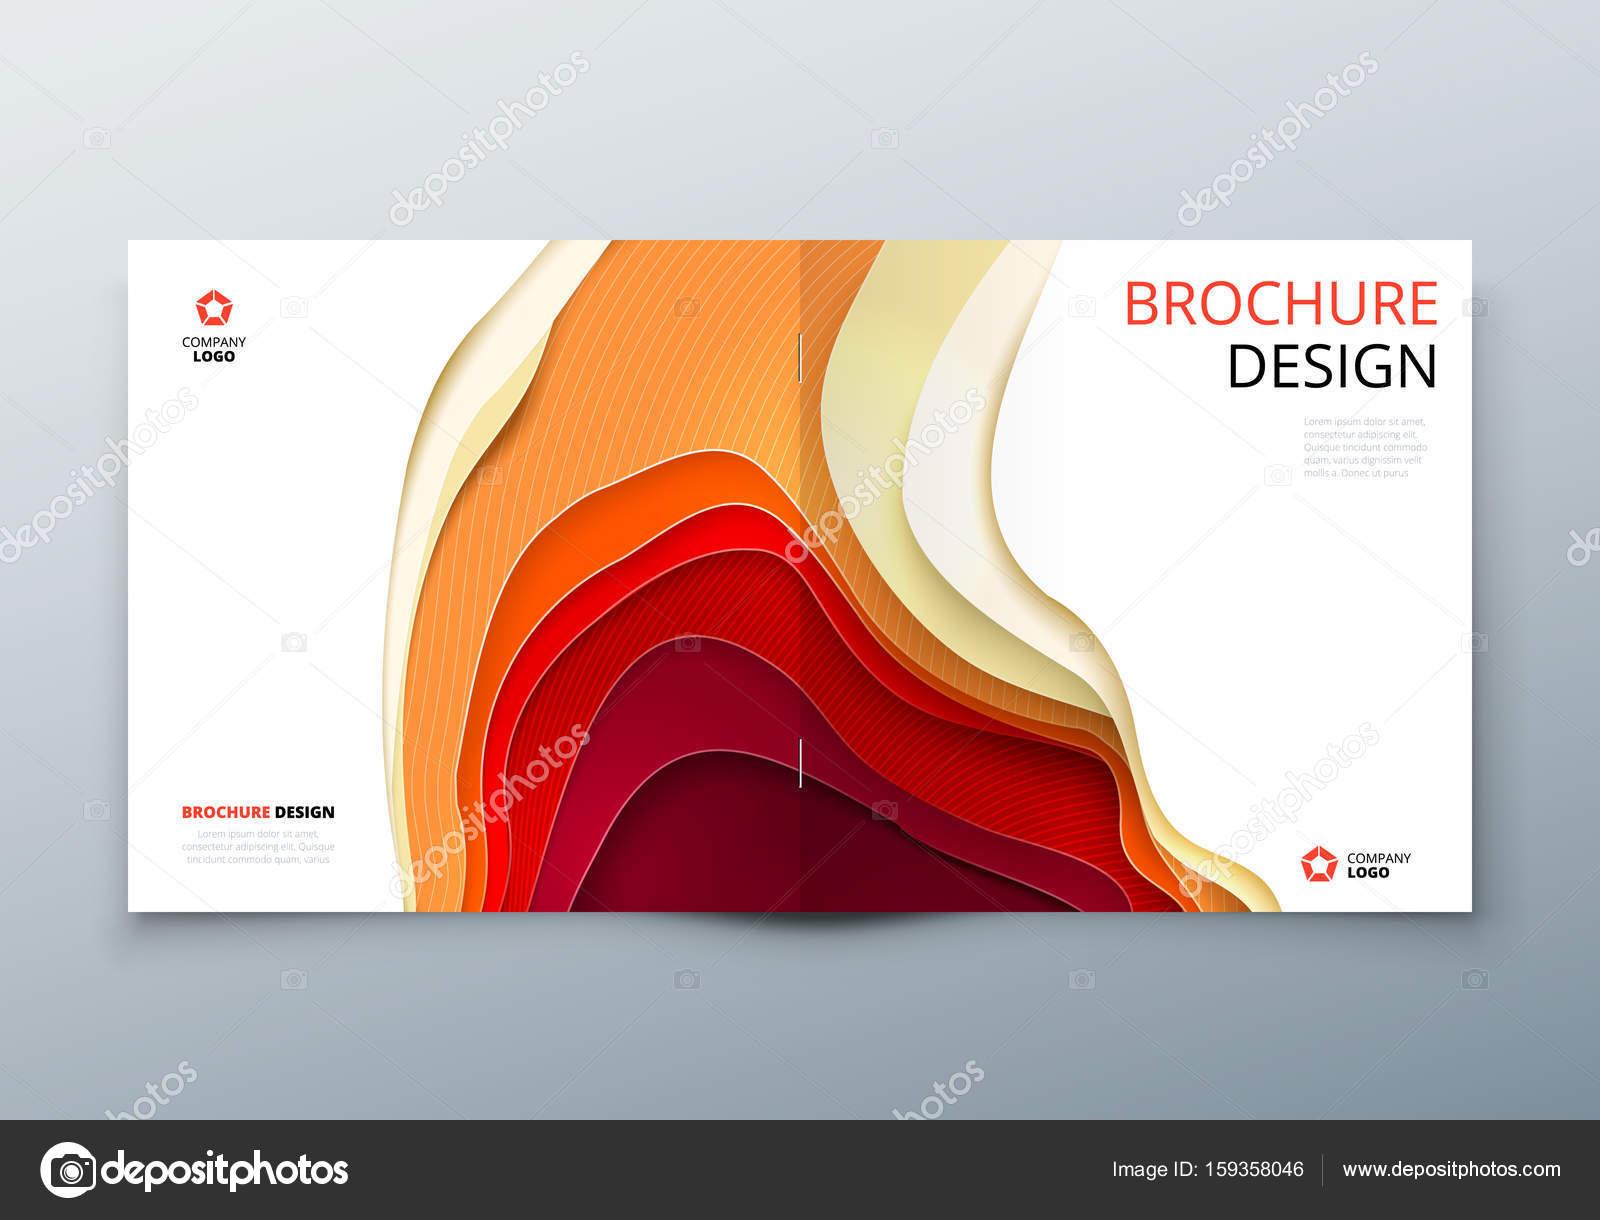 Quadratische Broschüre Design Rechteck Papier Schnitzen Abstrakte